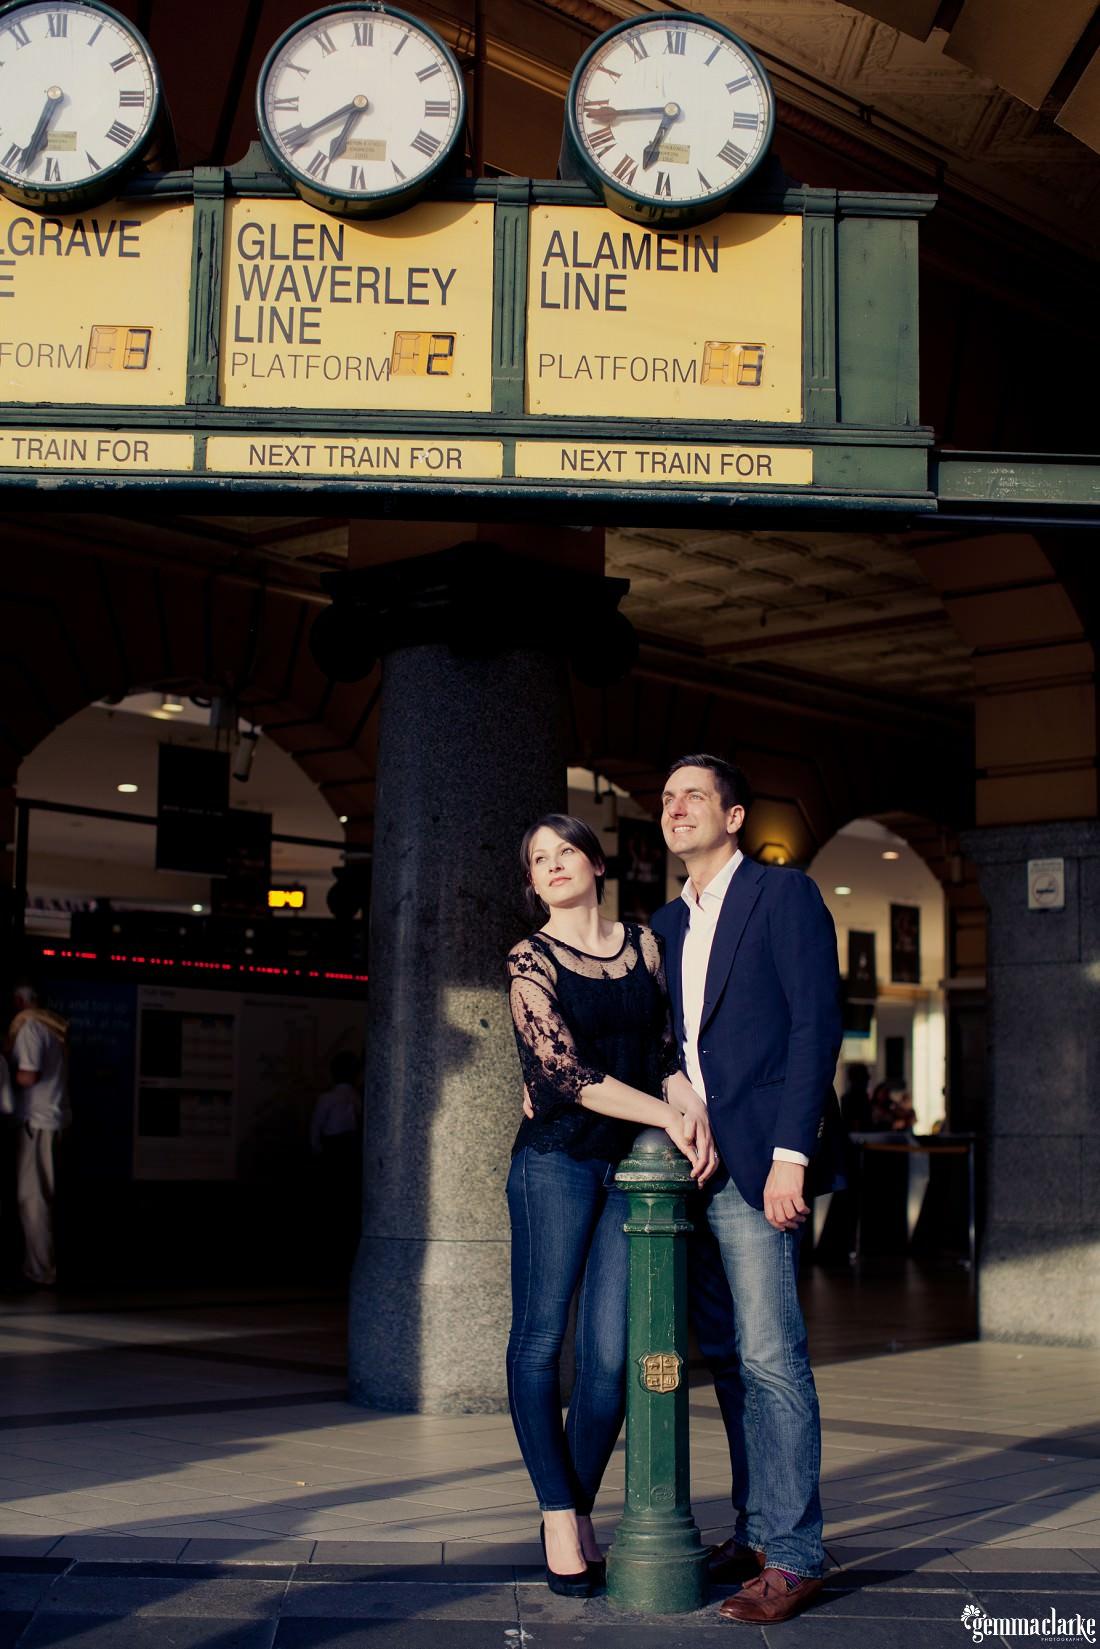 gemmaclarkephotography_melbourne-engagement-photos_leanne-and-stuart-0023